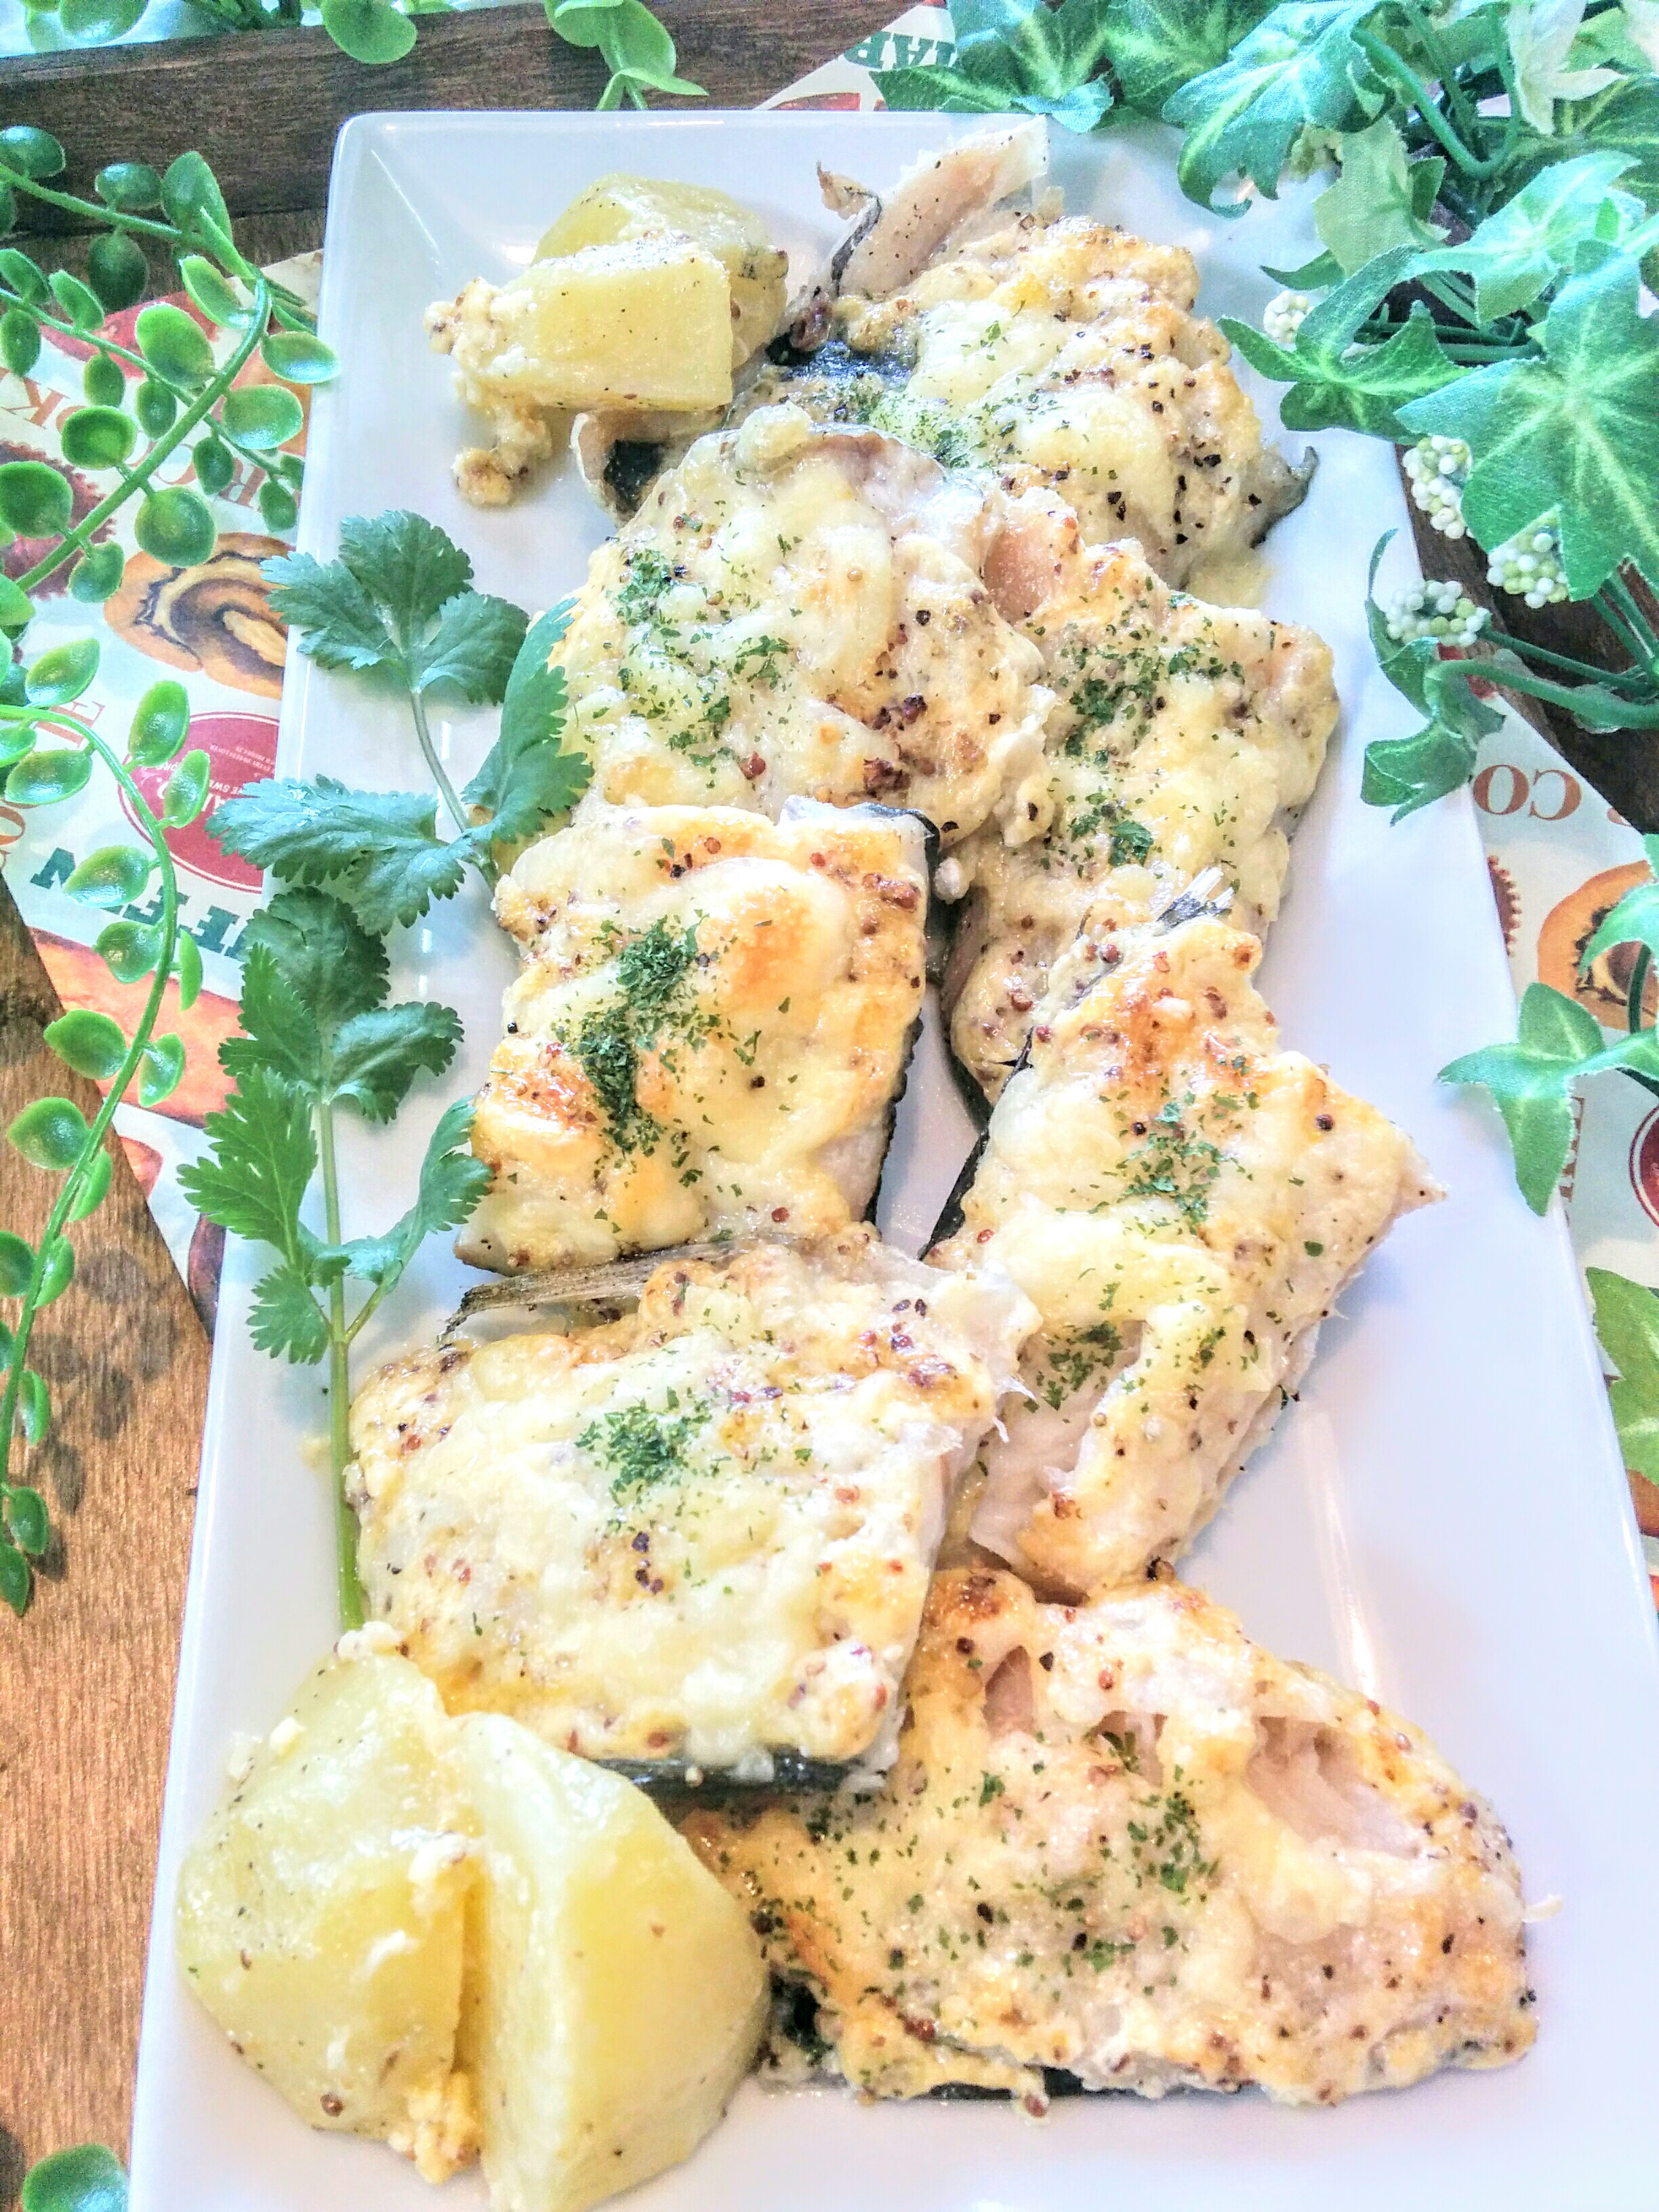 【小樽】お家御飯・鱈のマスタードマヨネーズ焼きグルメ案内です。